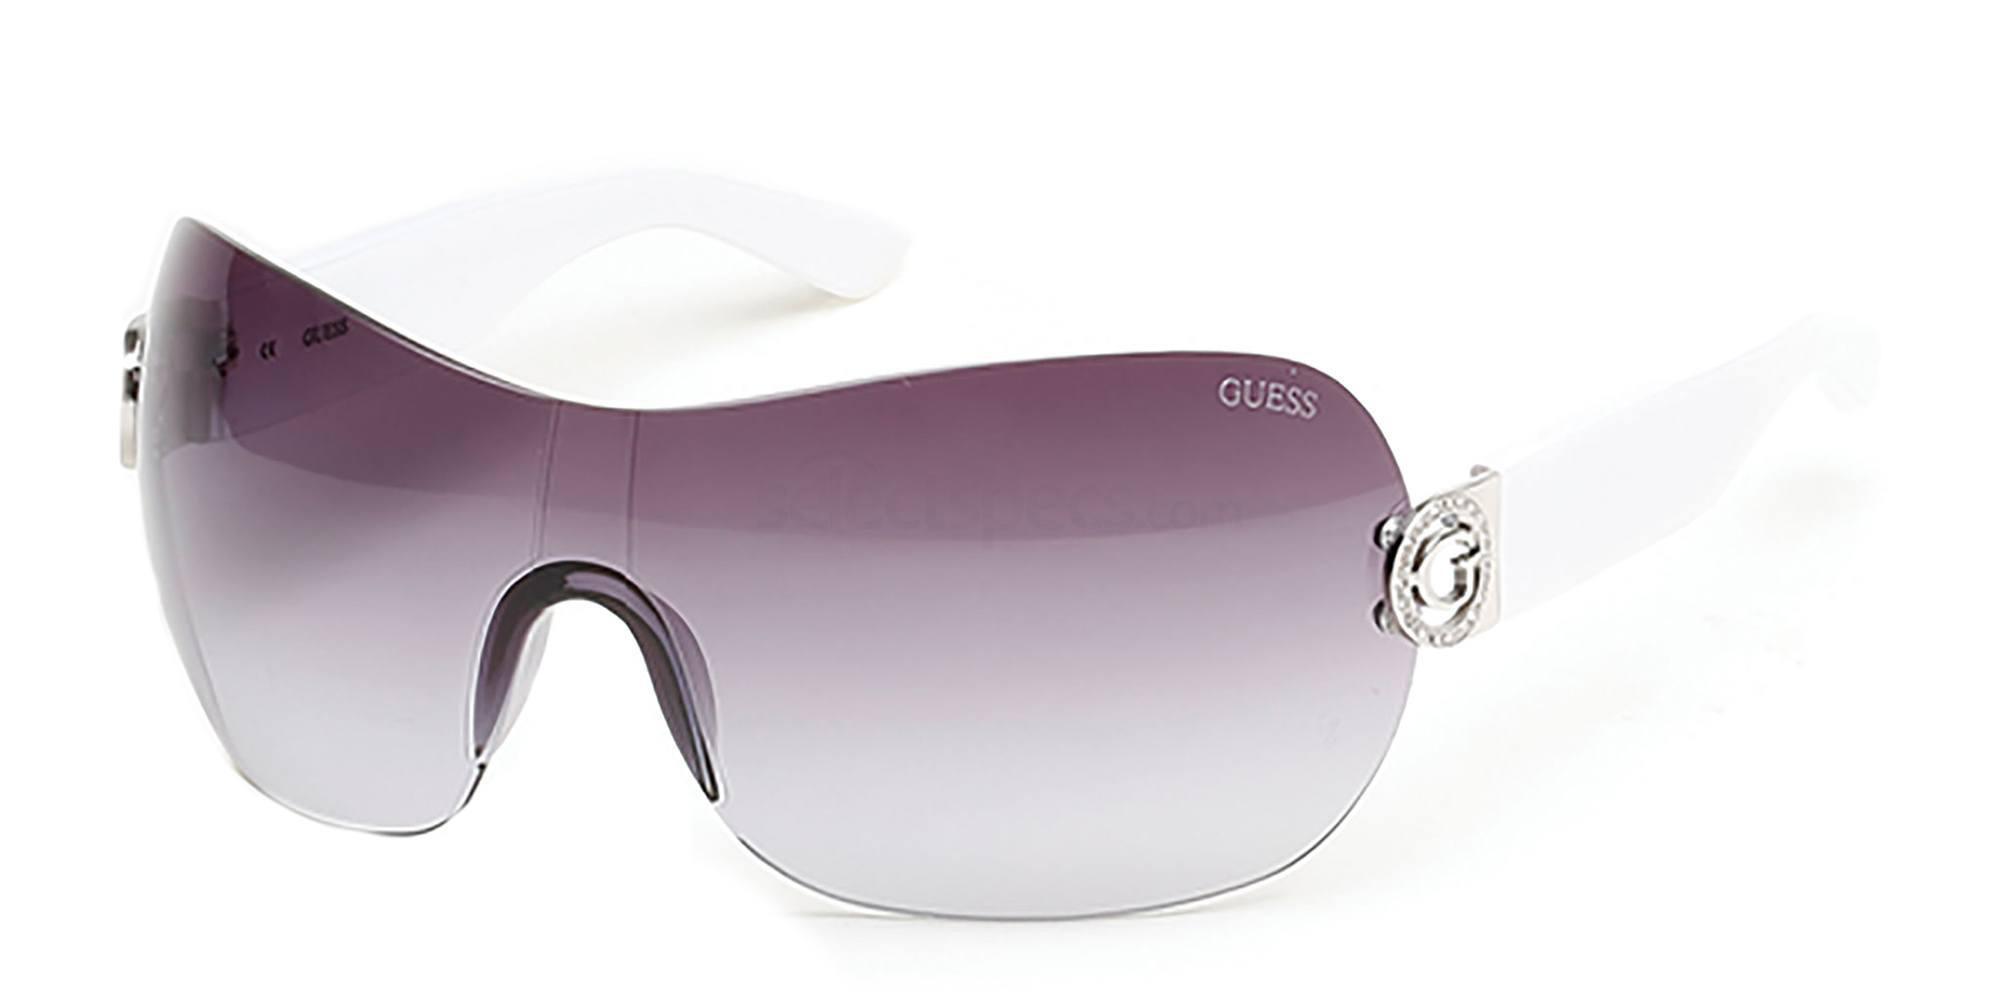 21C GU7407 Sunglasses, Guess